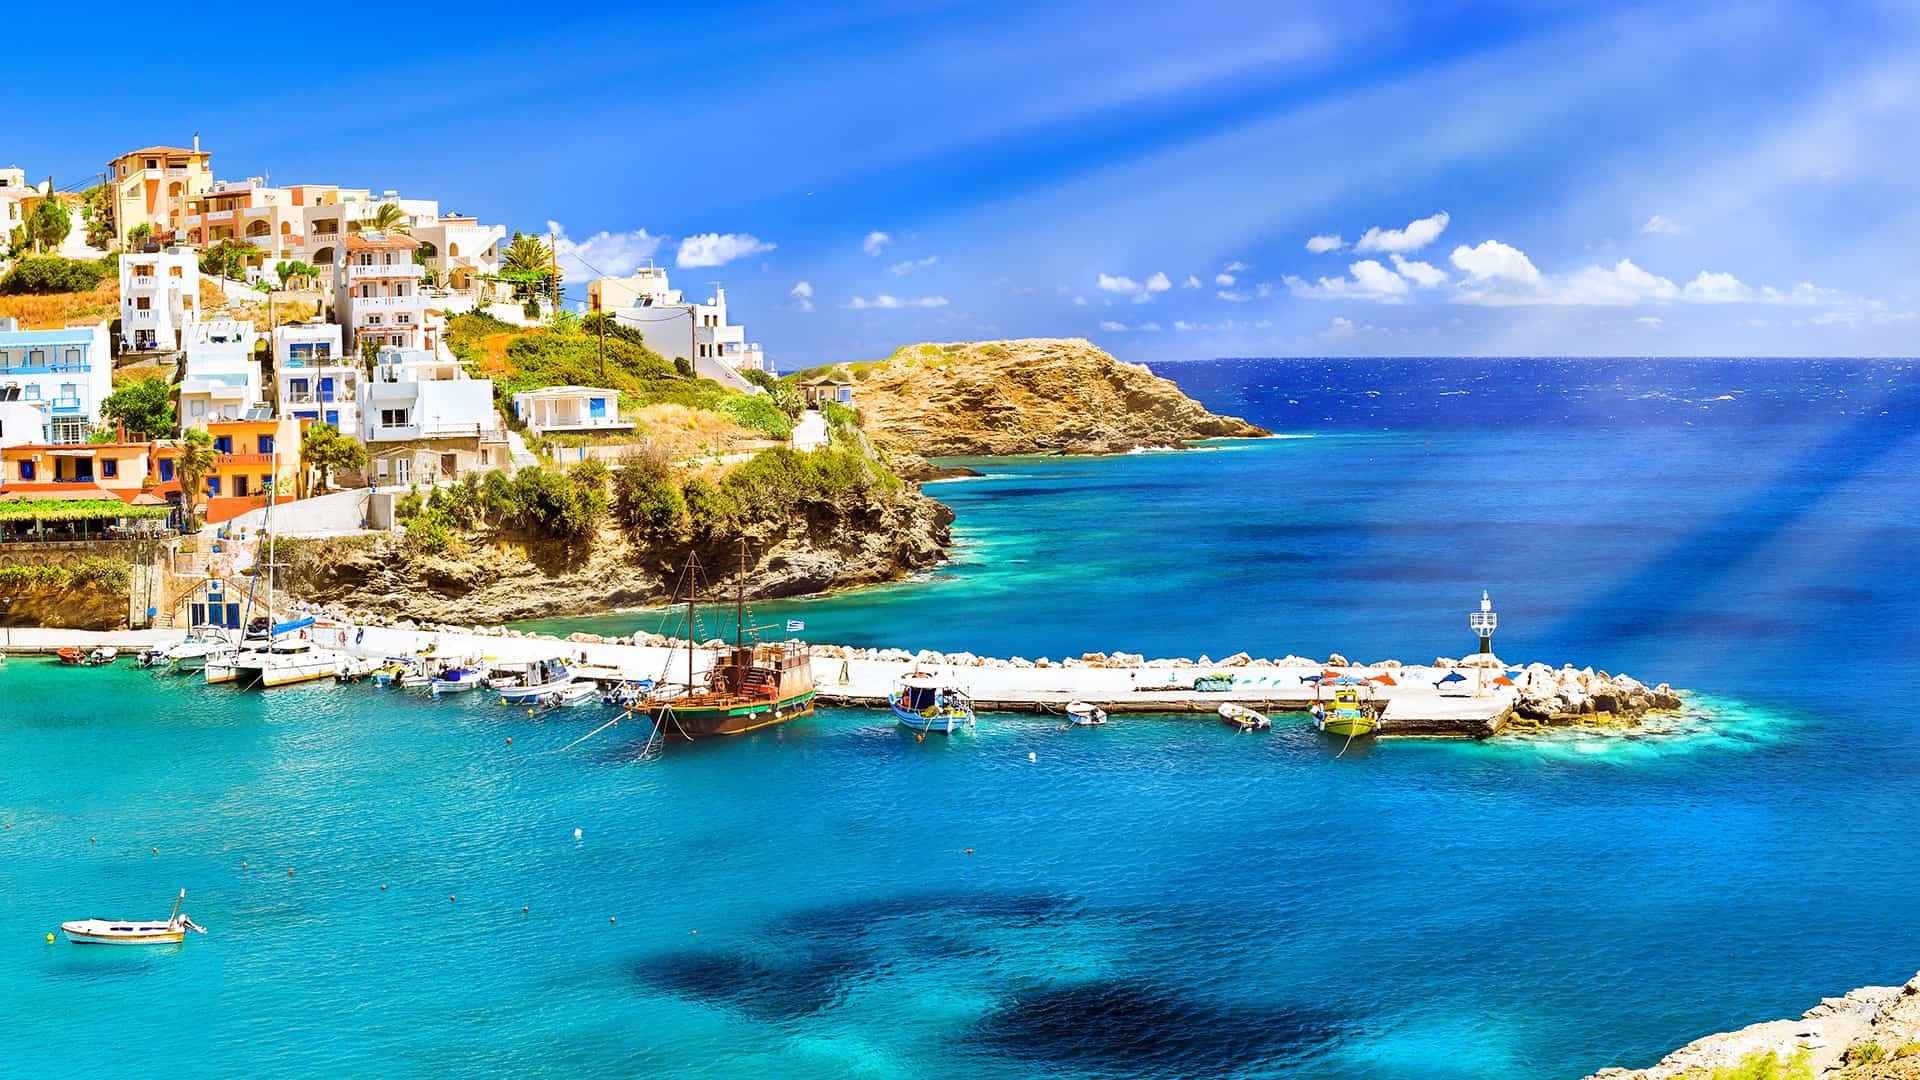 Dit moet je weten als je naar Kreta op vakantie wilt